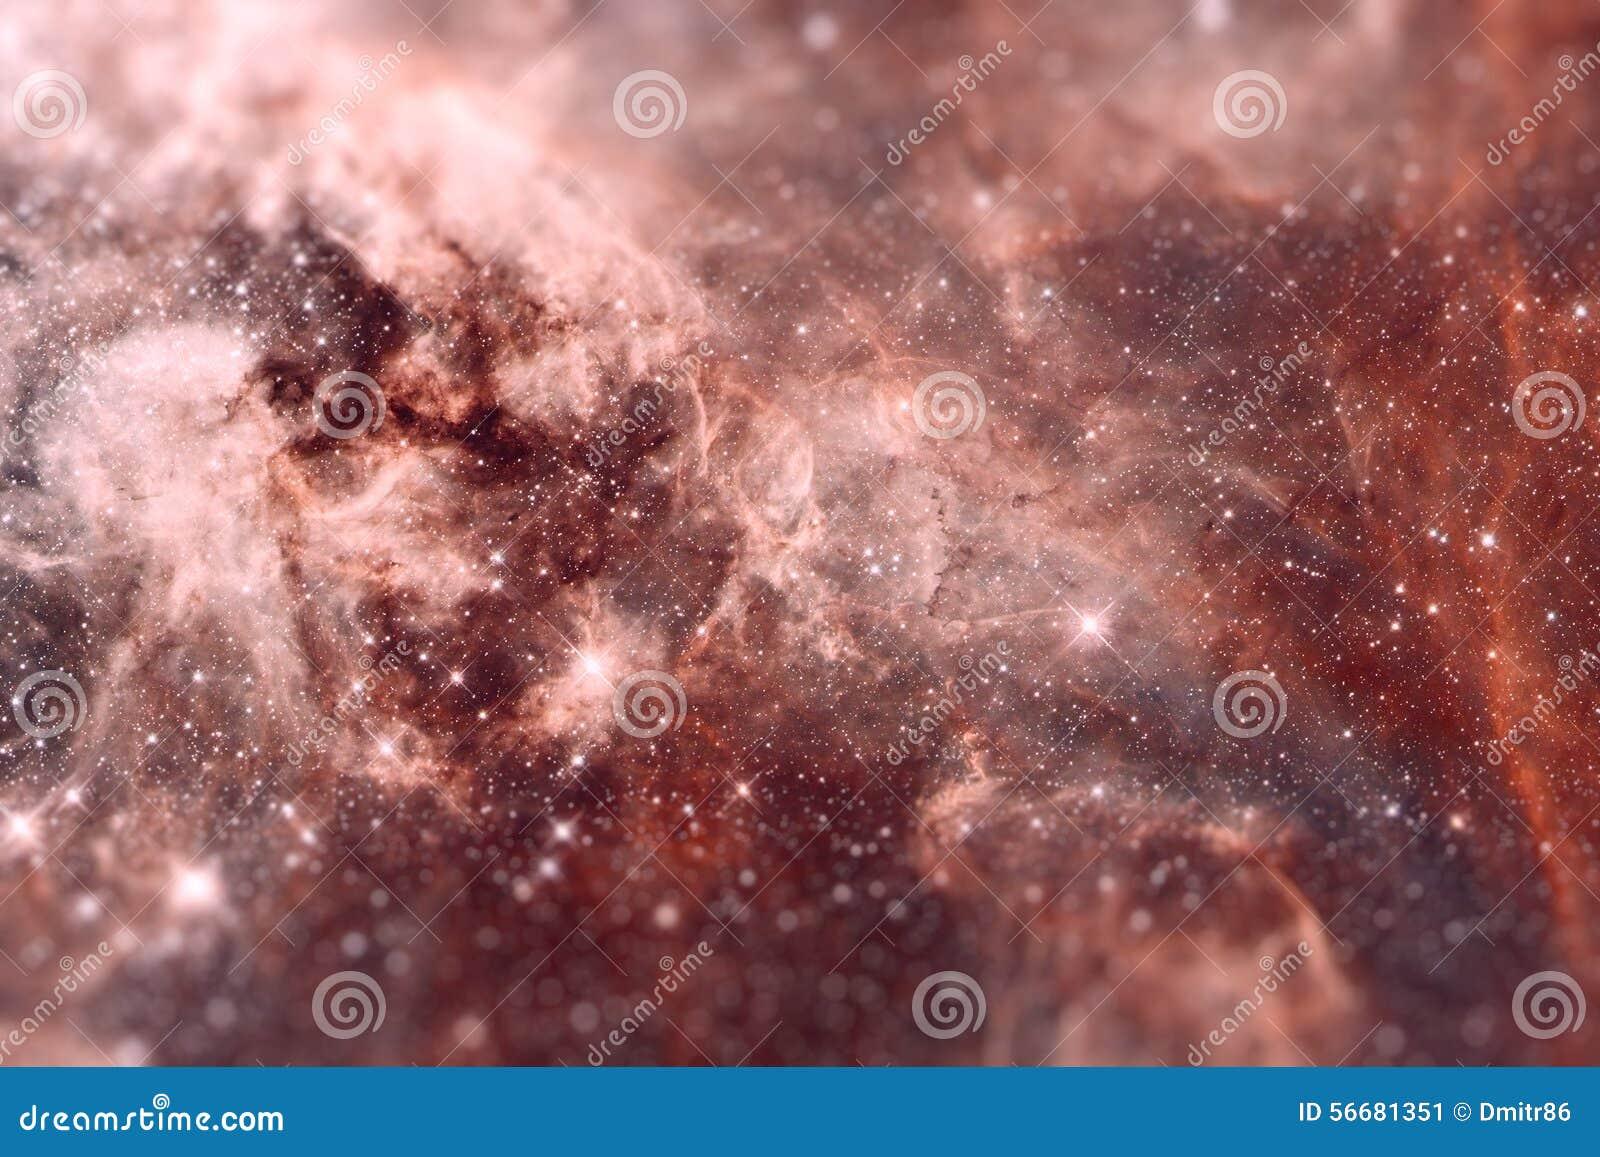 Le bugie di Doradus di regione 30 nella galassia della Grande Nube di Magellano